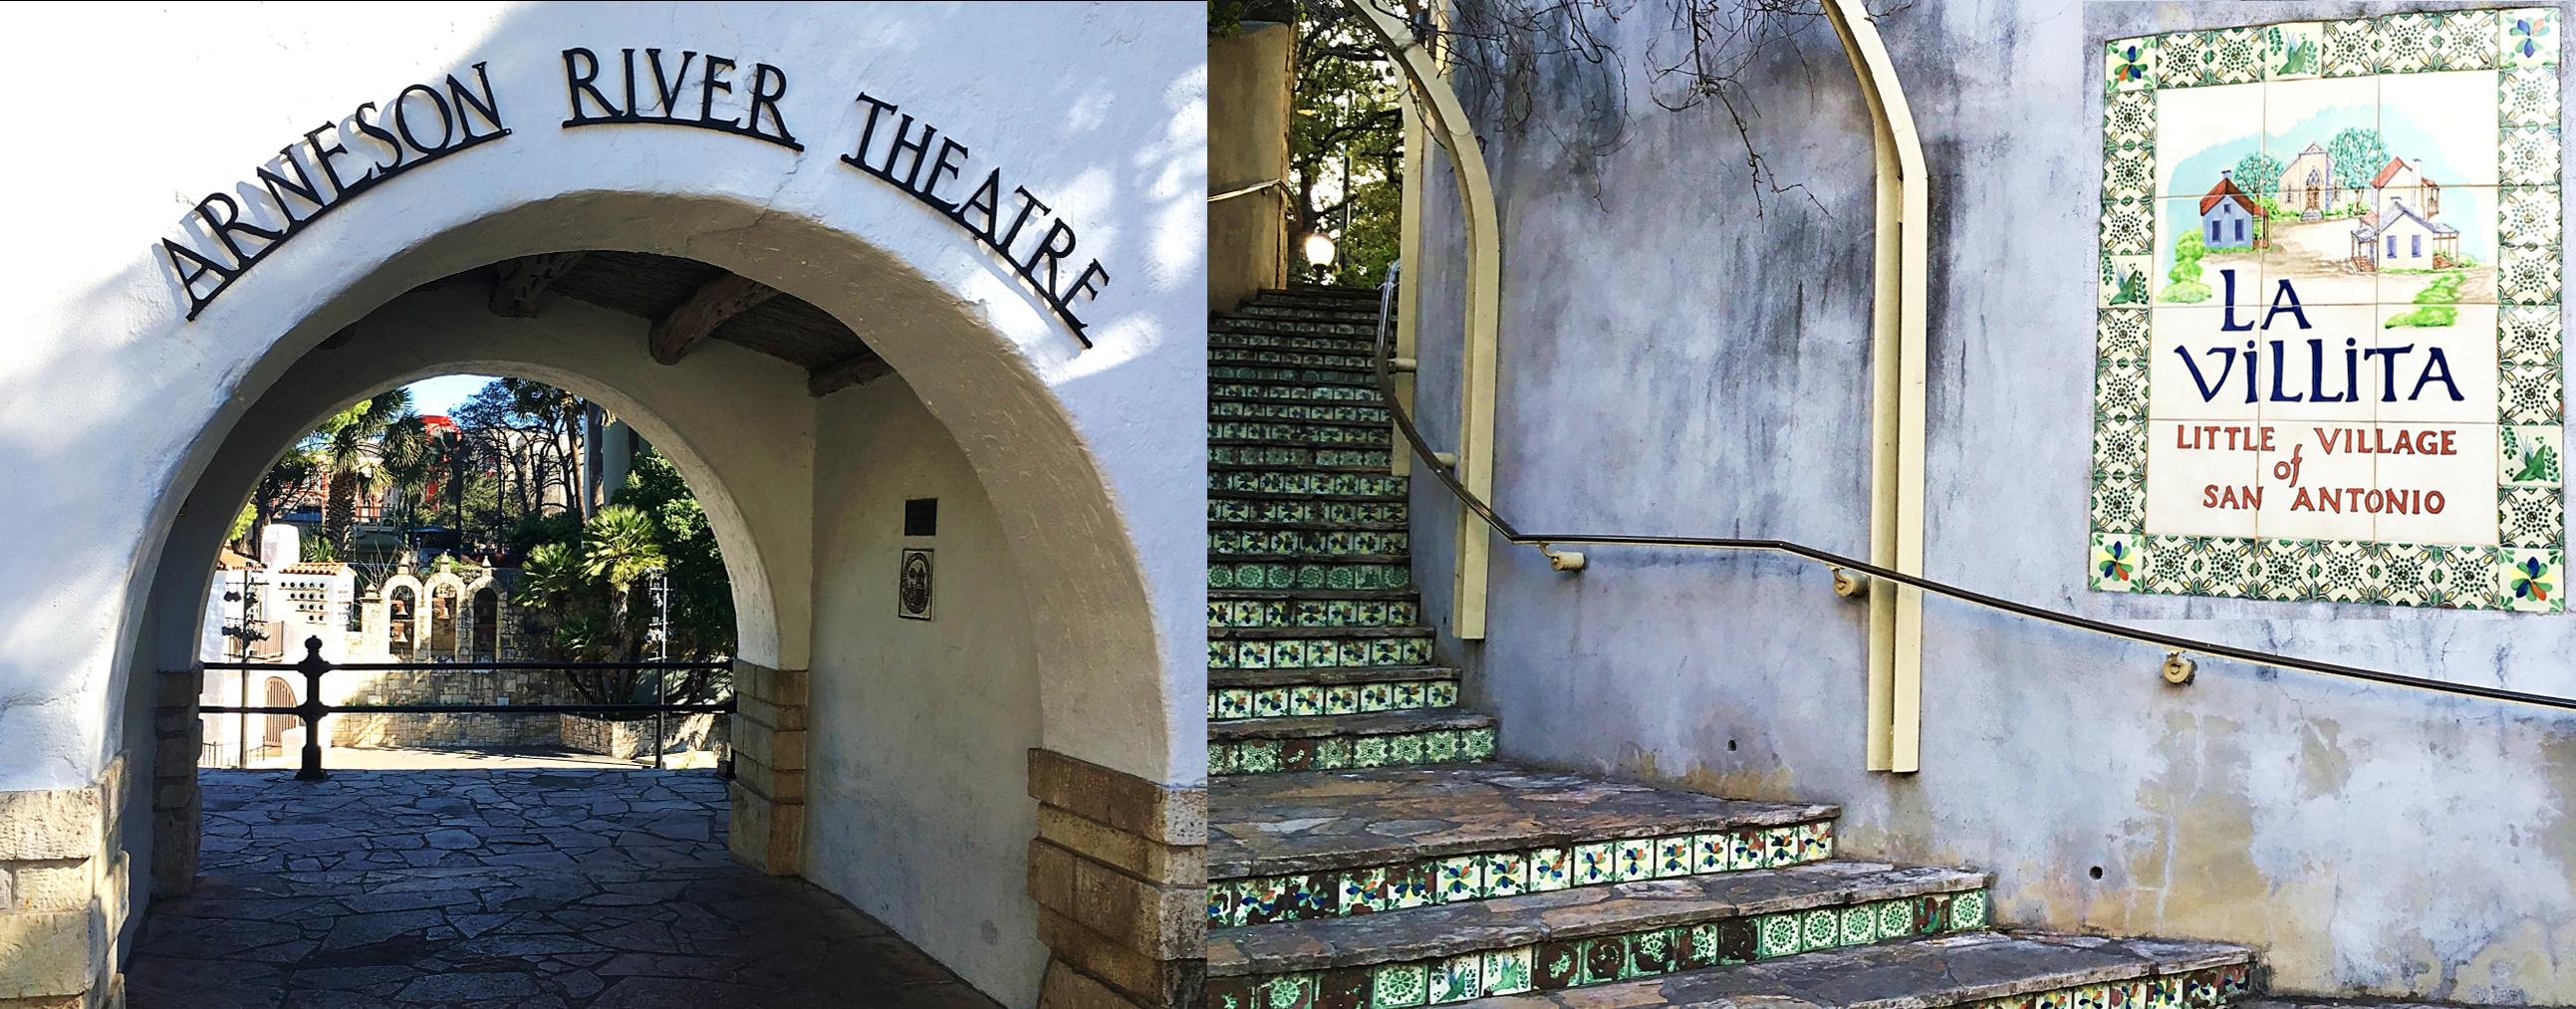 Arneson River Theatre San Antonio